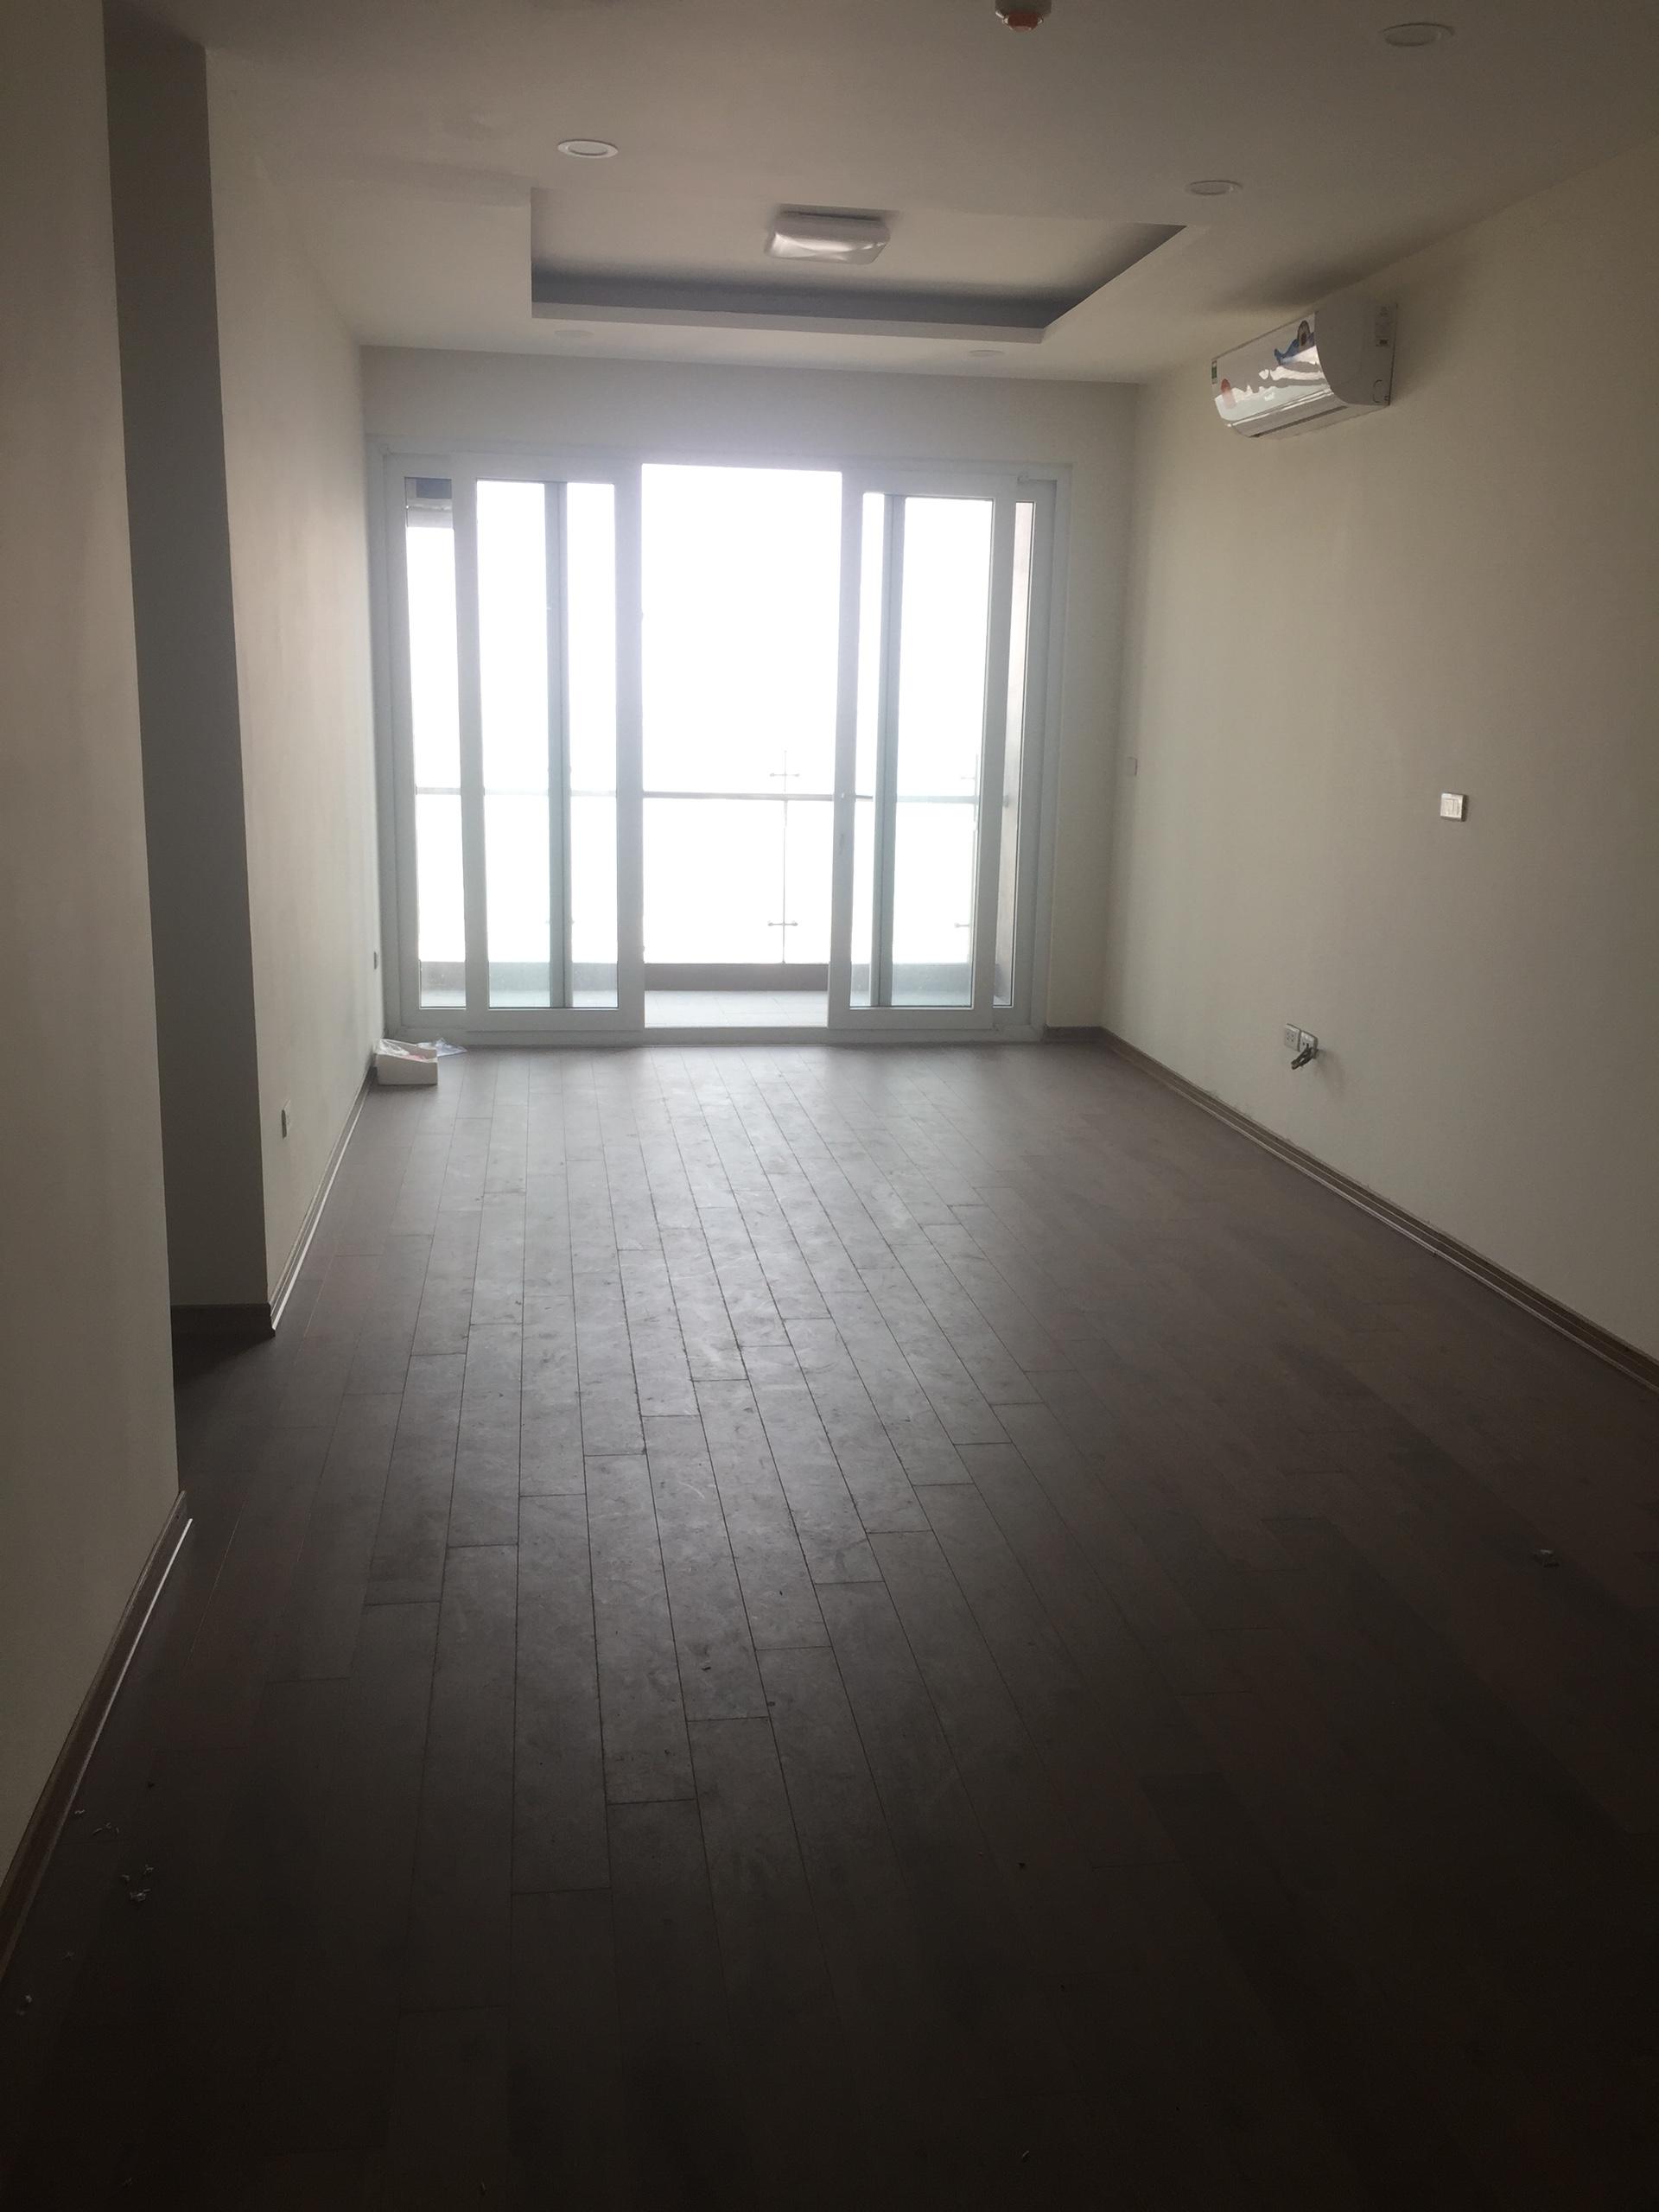 3 Vợ chồng tôi bán cắt lỗ 500tr căn hộ CT4 Vimeco Nguyễn Chánh, DT 141m2 - 3PN - giá 4,1 tỷ